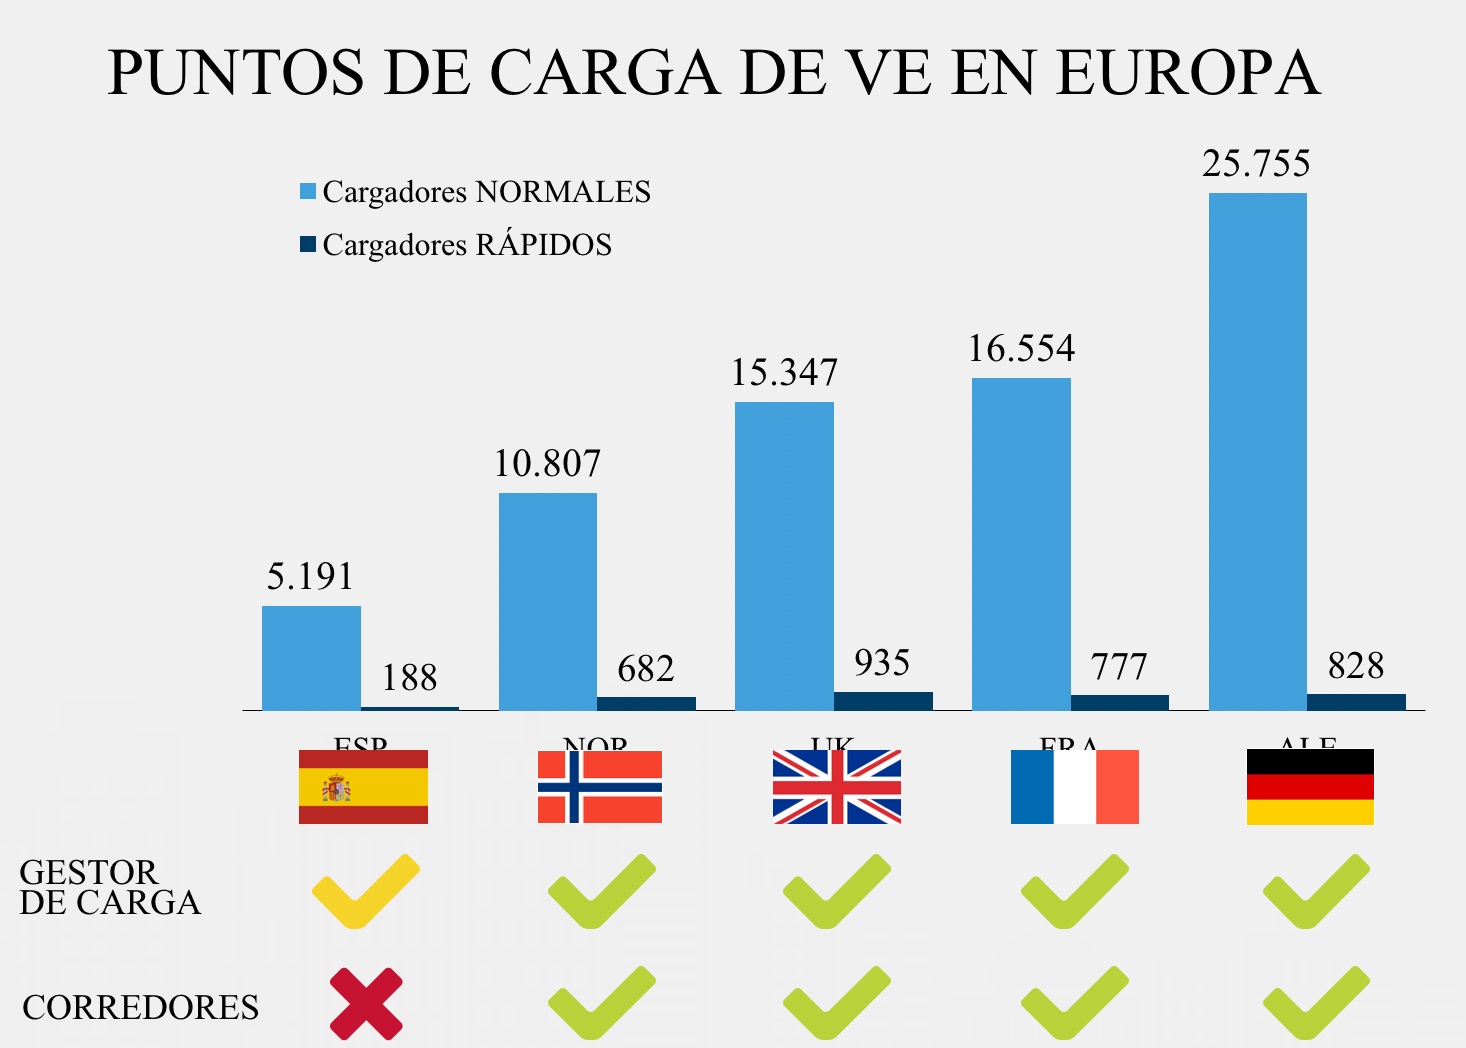 España tiene una infraestructura de cargadores muy por debajo a la de otros países europeos. (Fuente: Nissan)